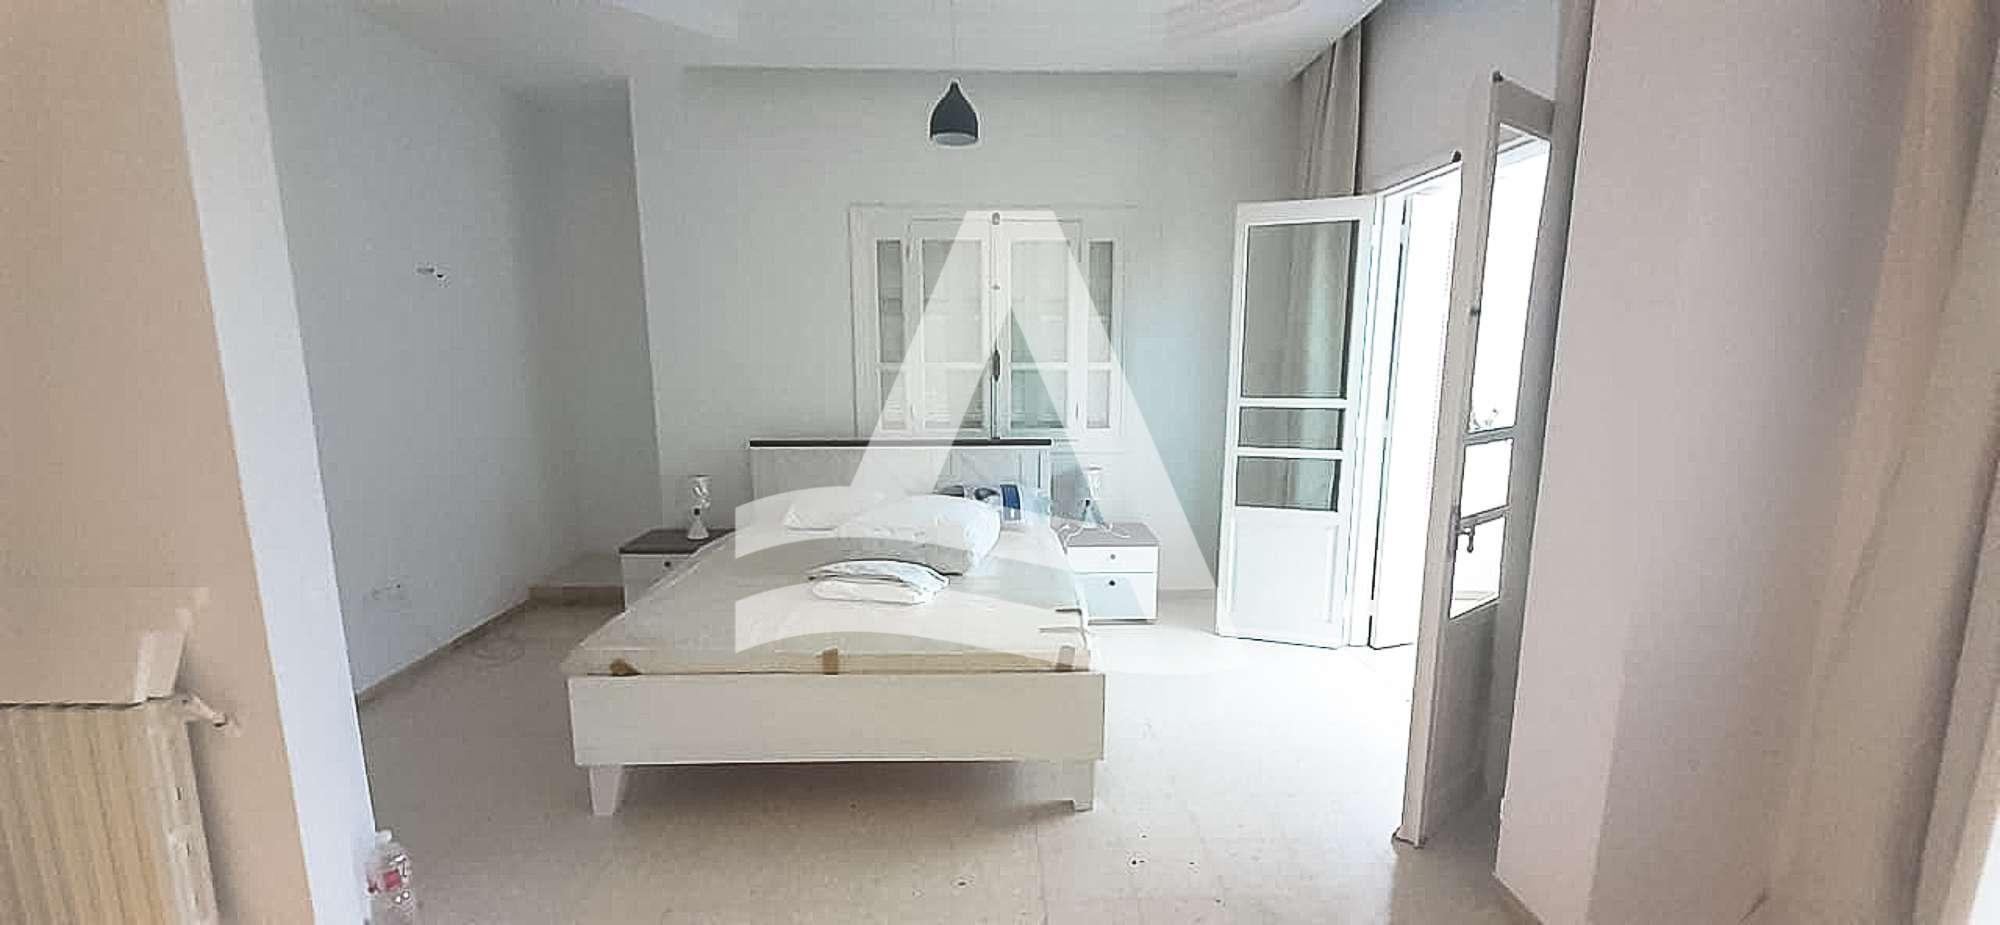 httpss3.amazonaws.comlogimoaws_Arcane_immobilière_la_Marsa-_location_-_vente_la_marsa__-2_1583429652946